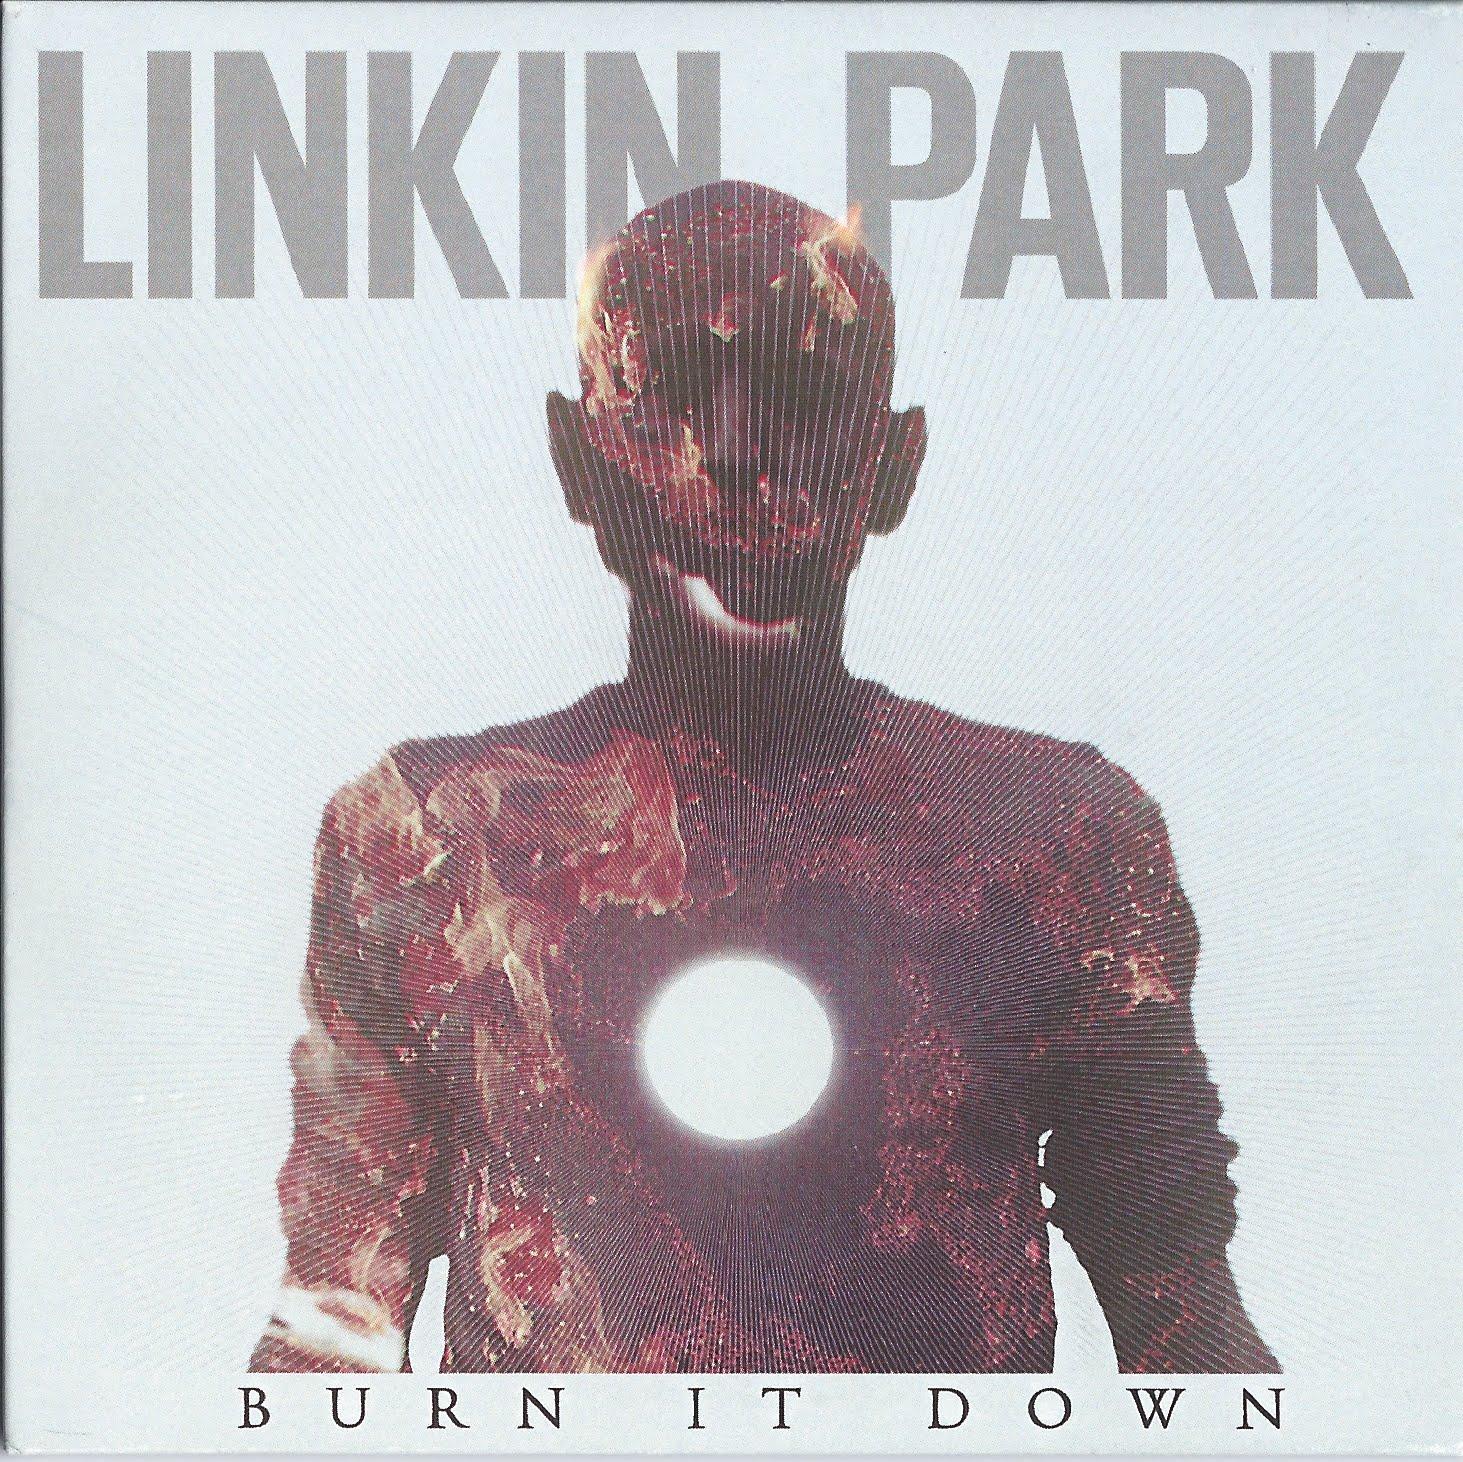 http://3.bp.blogspot.com/-lp97Dvmr0eI/T6oIJ_RzPaI/AAAAAAAAANA/DzhmTURKYK4/s1600/00-linkin_park-burn_it_down-%2528promo_cds%2529-2012-%2528front%2529.jpg